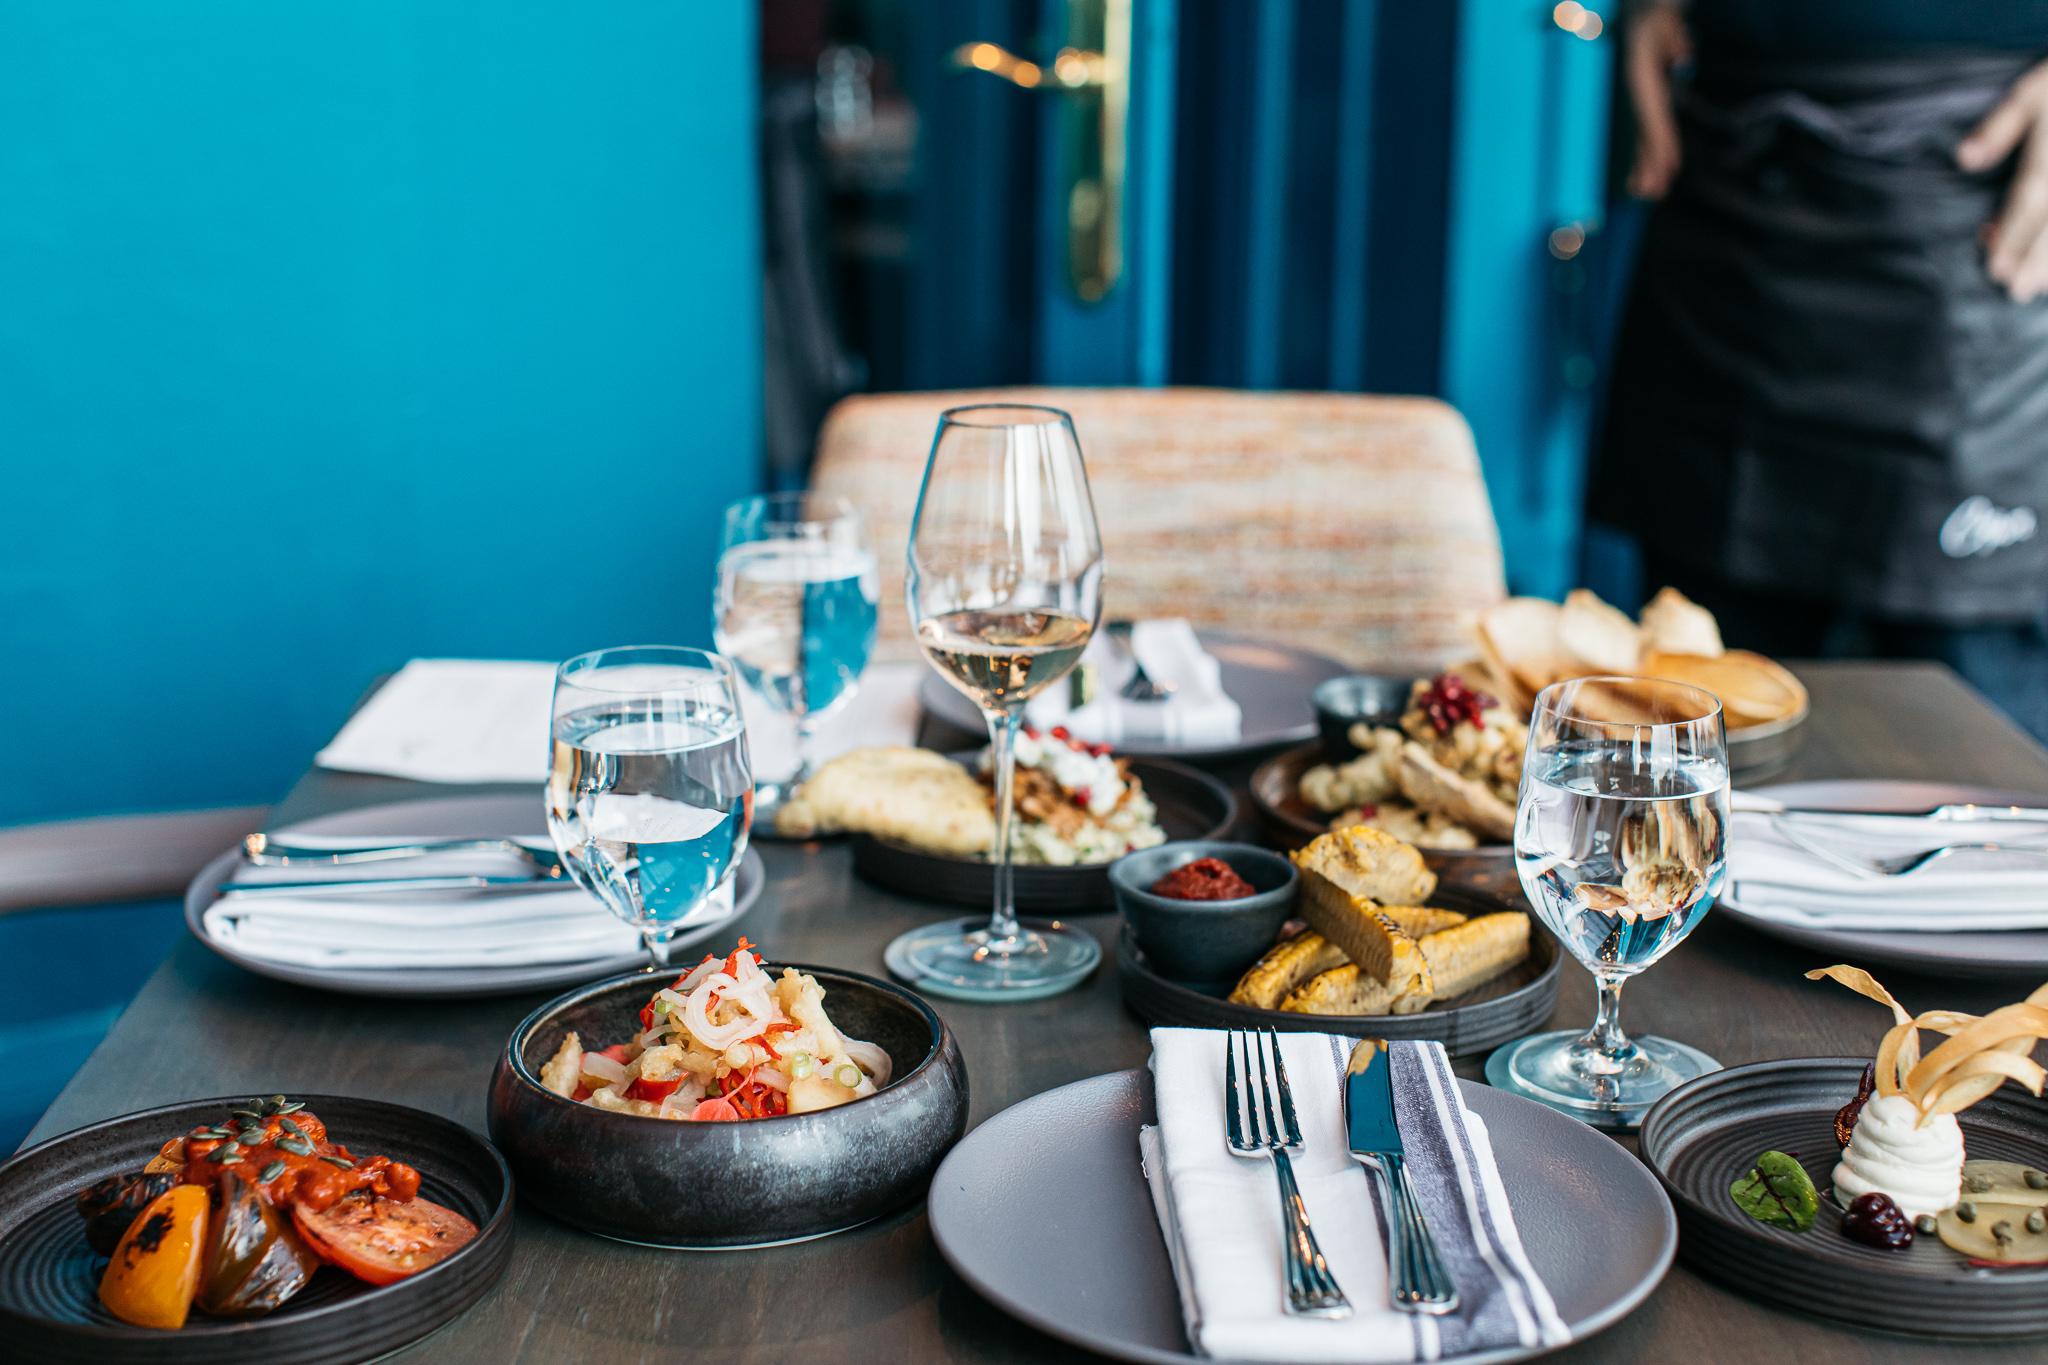 cyan restaurant in brighton